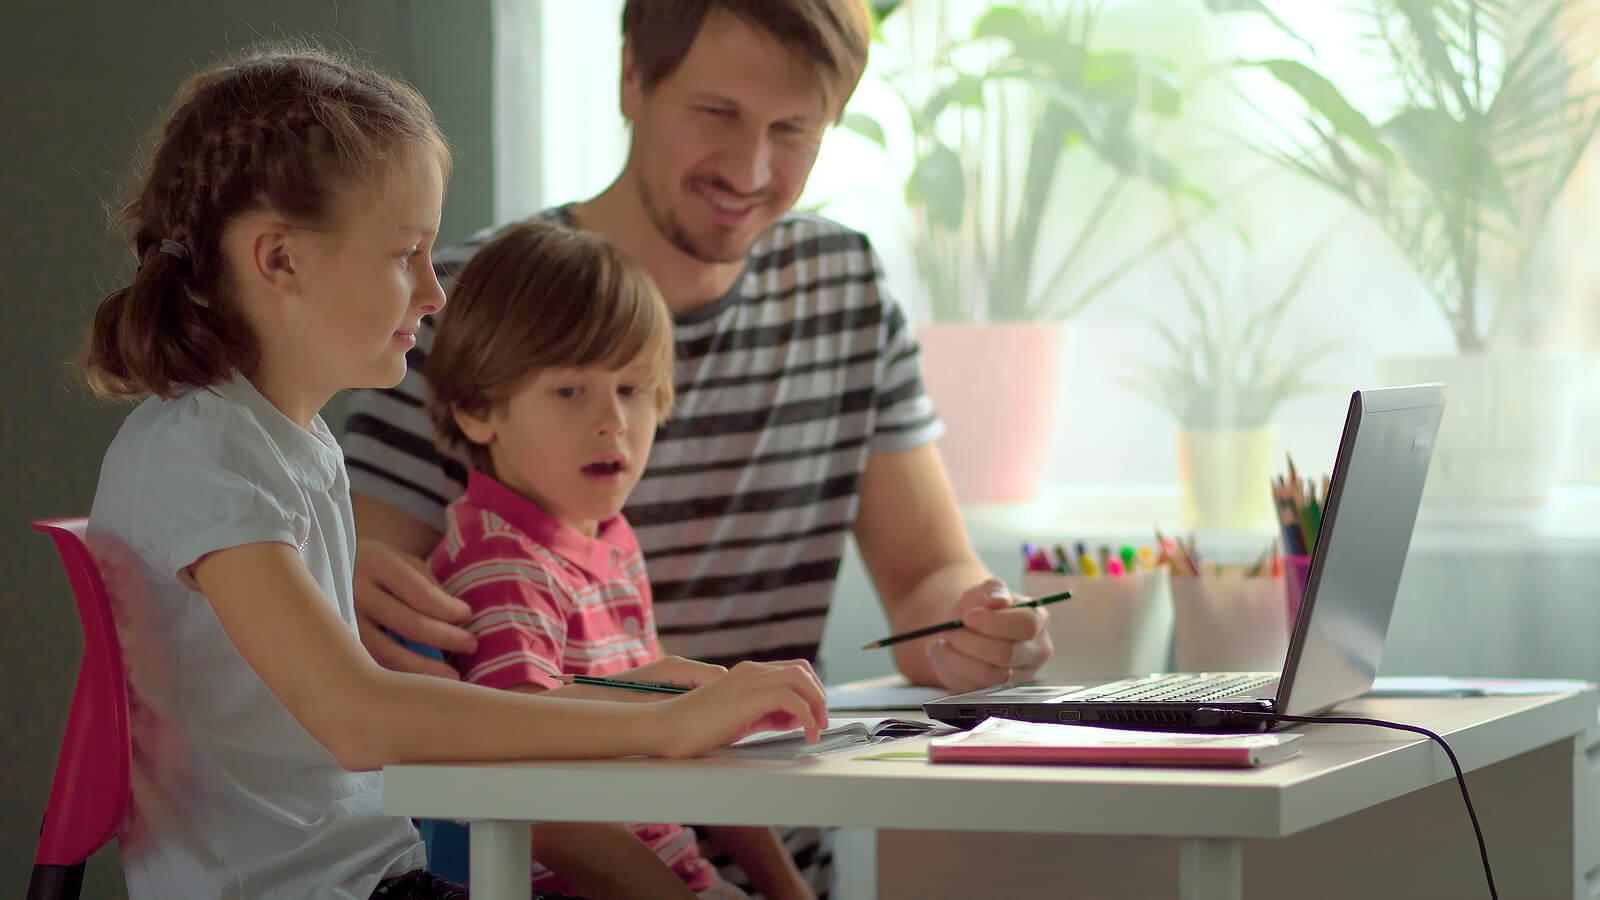 Padre ayudando a sus hijos a estudiar en casa.